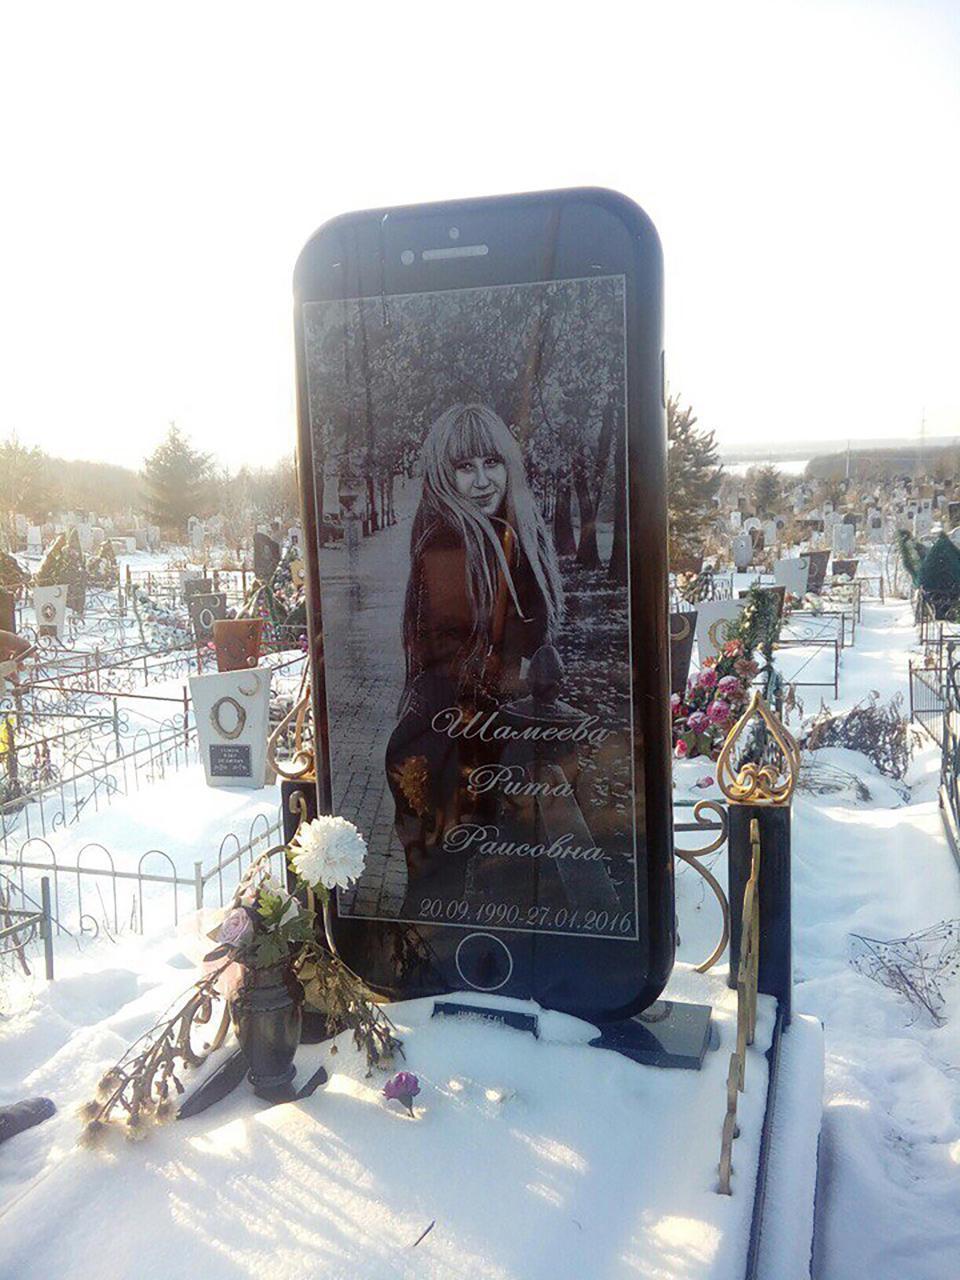 墓地出現巨大iPhone碑 竟是老爸送給女兒的「最後禮物」:那我是說好要給她的